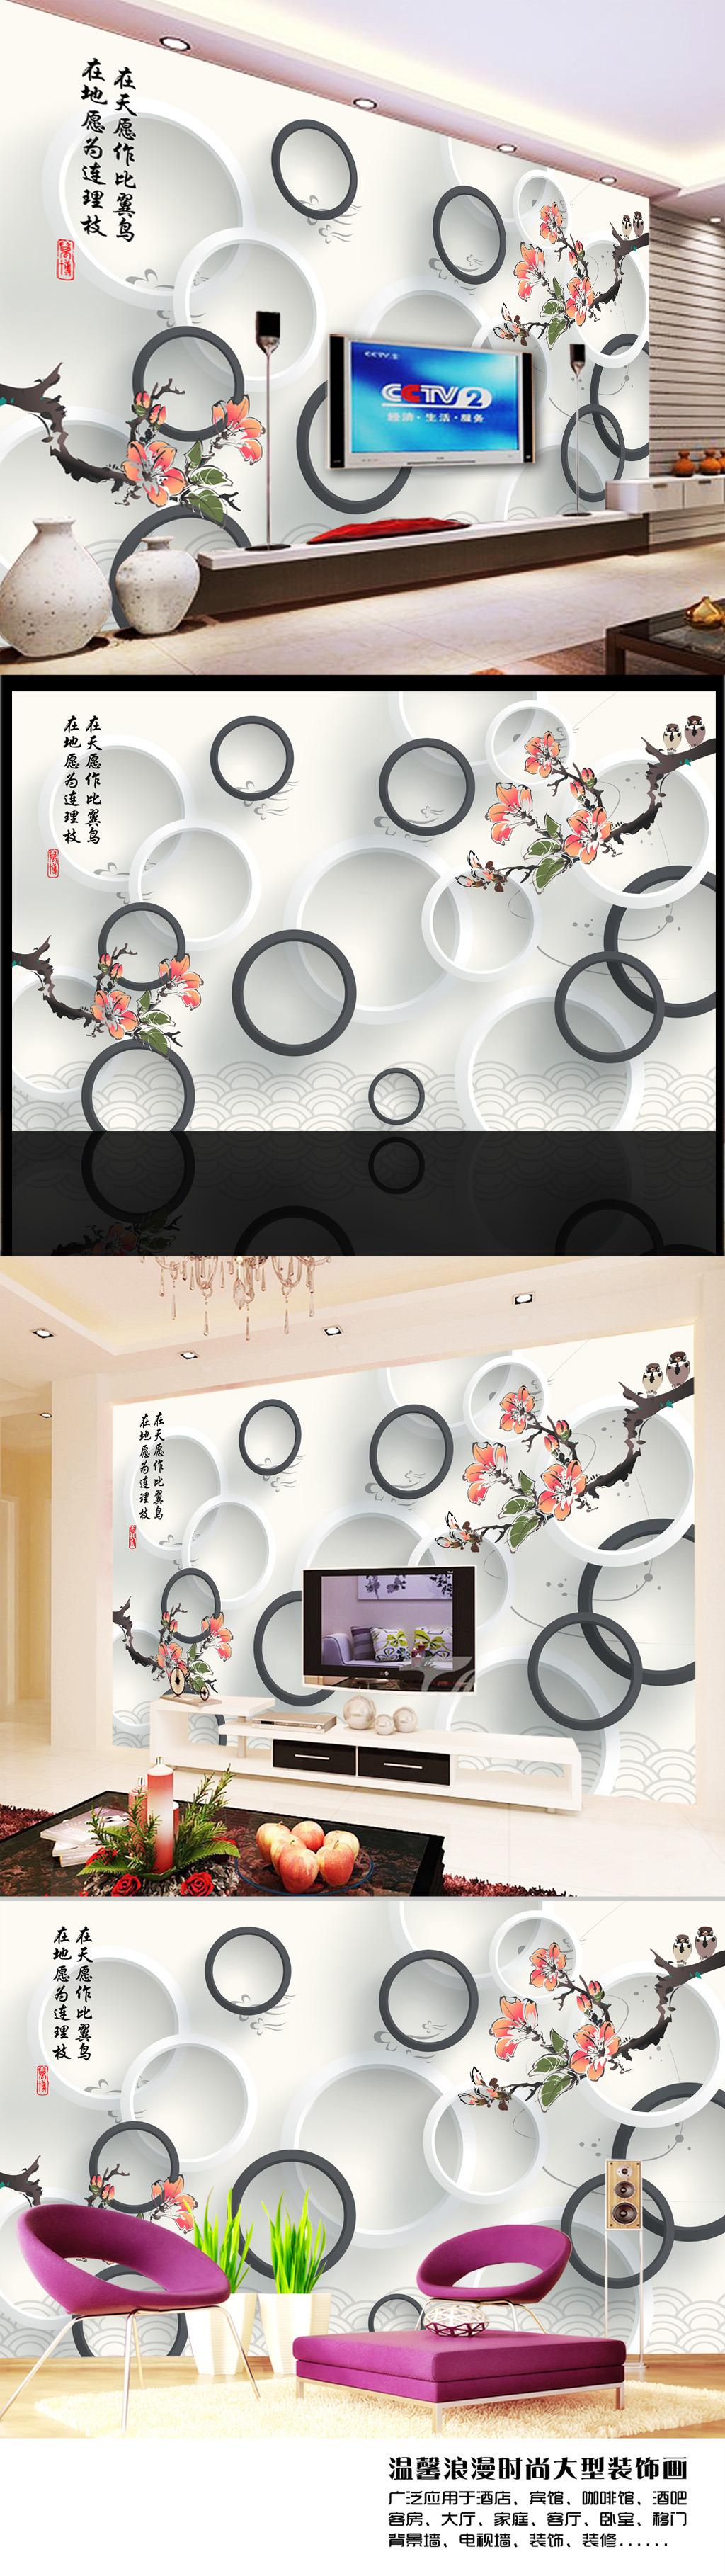 手绘梅花3d电视背景墙